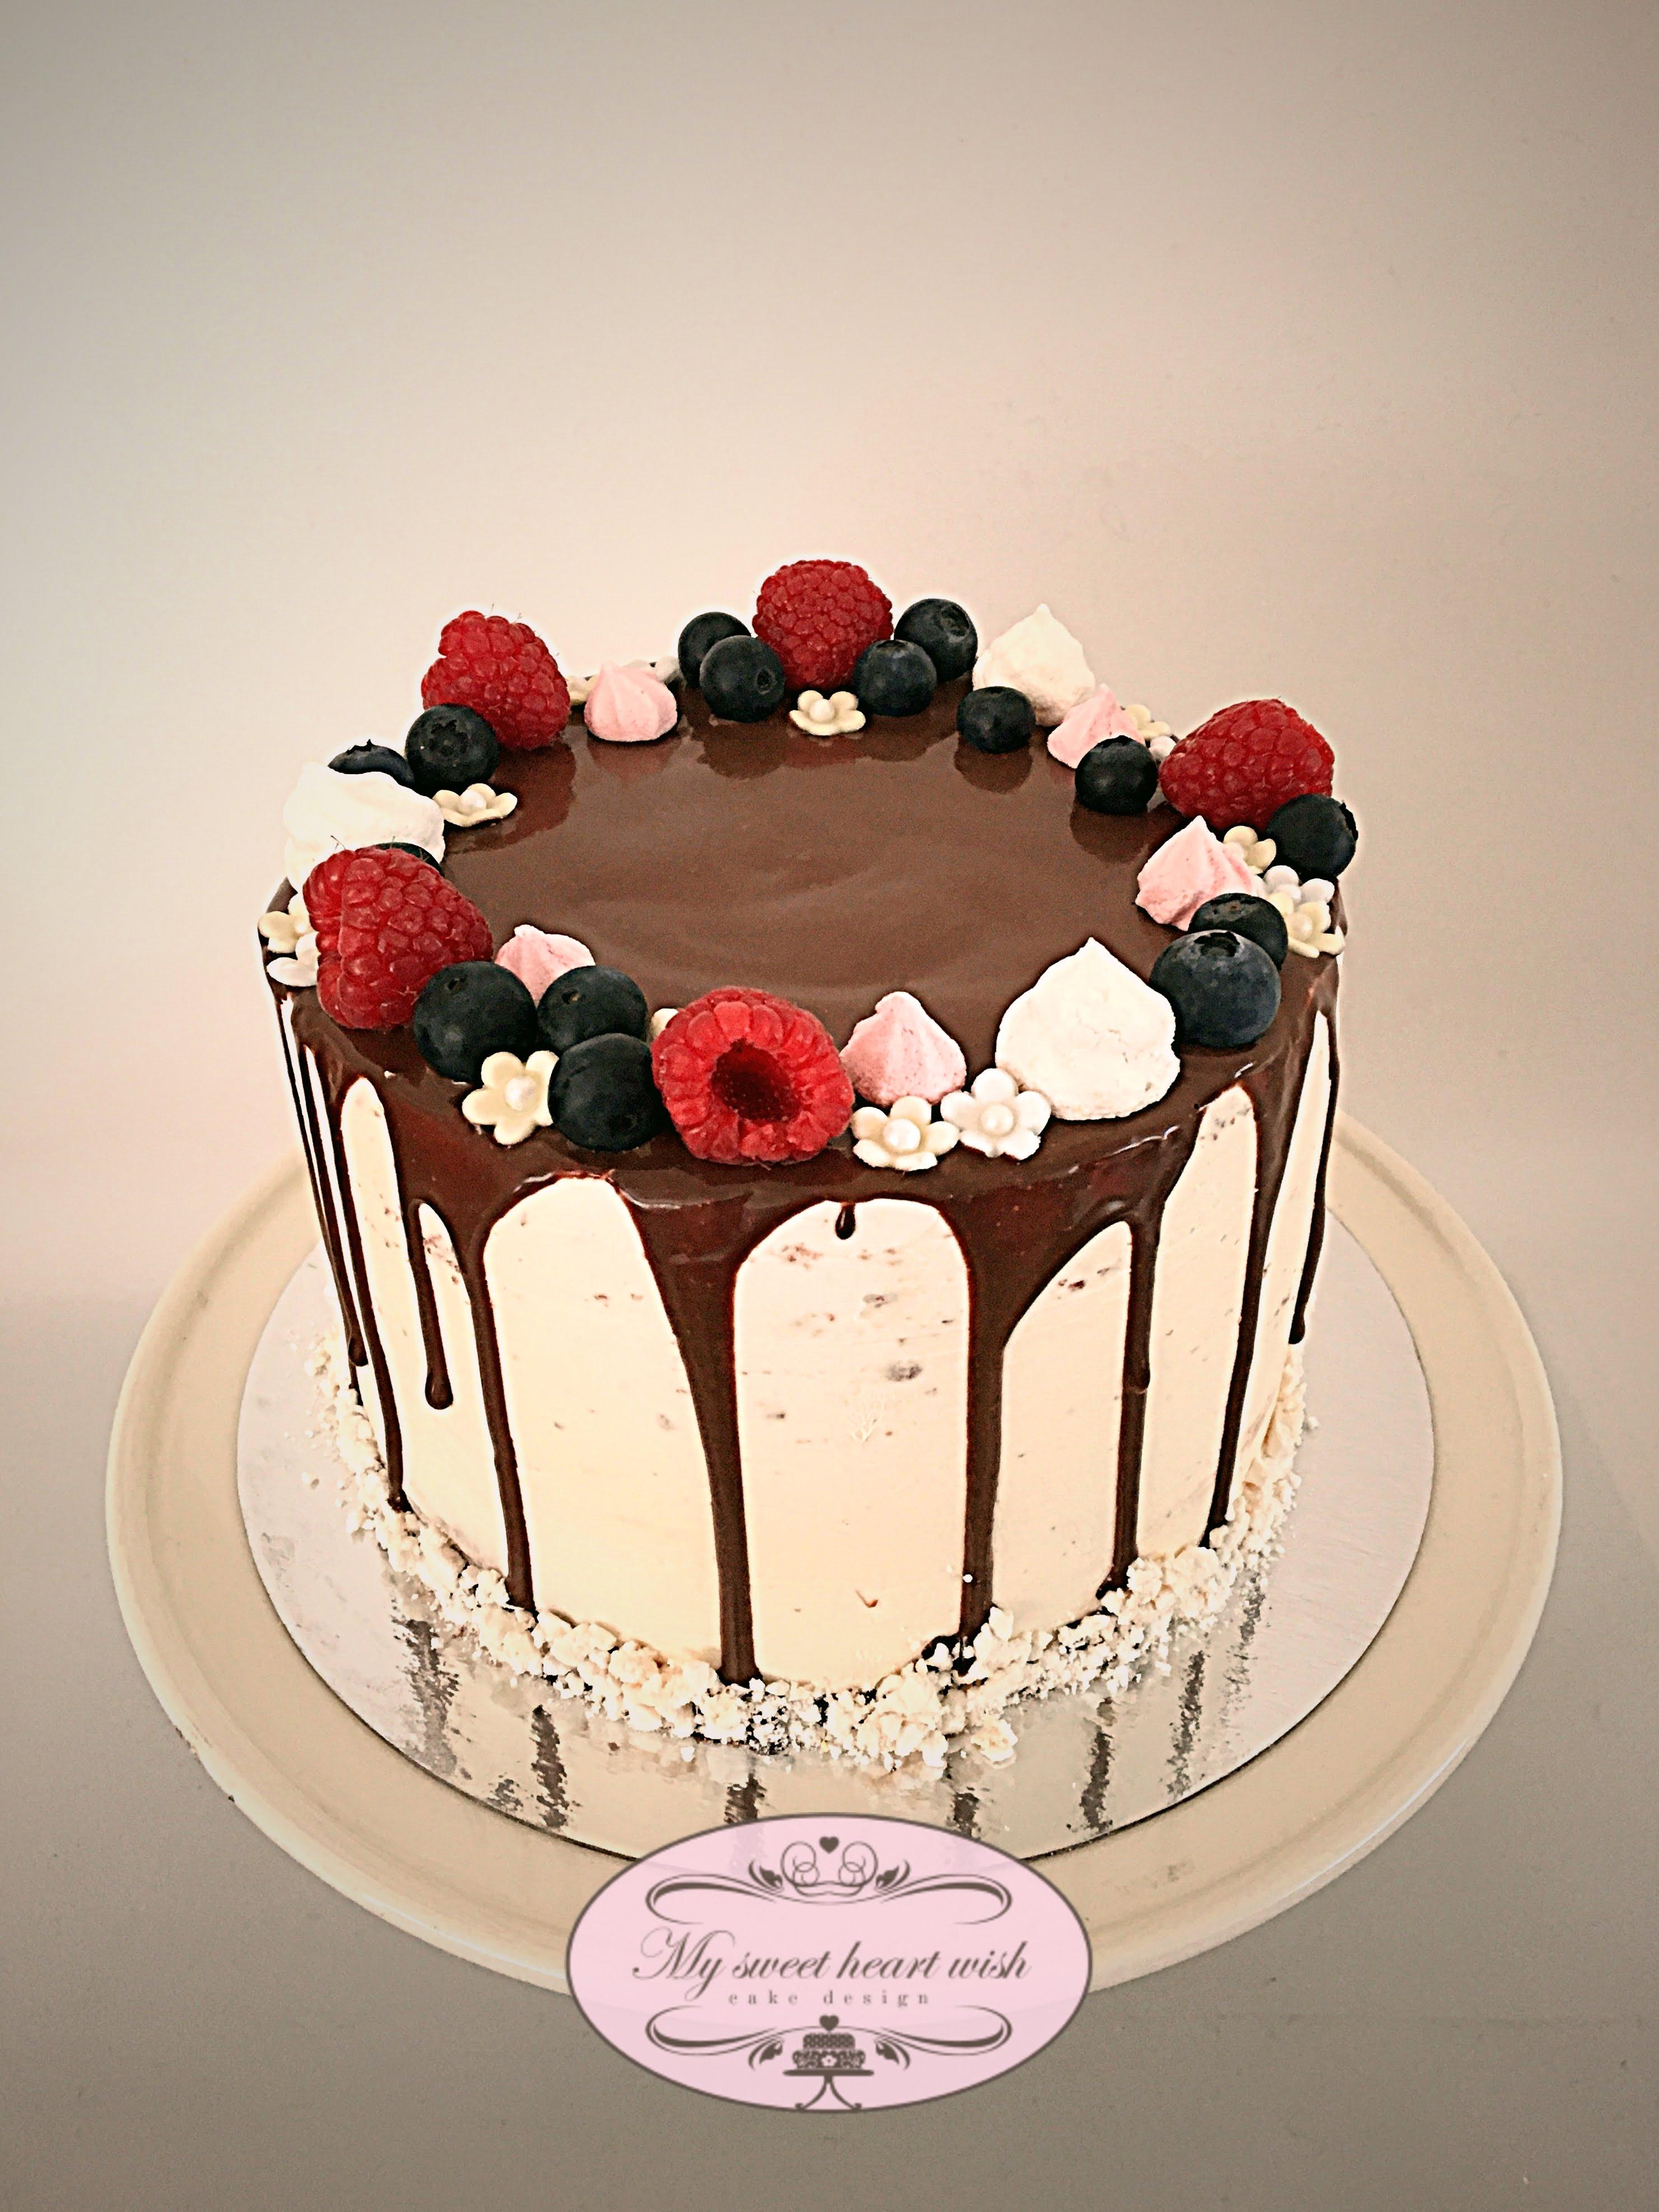 124 Drip cake